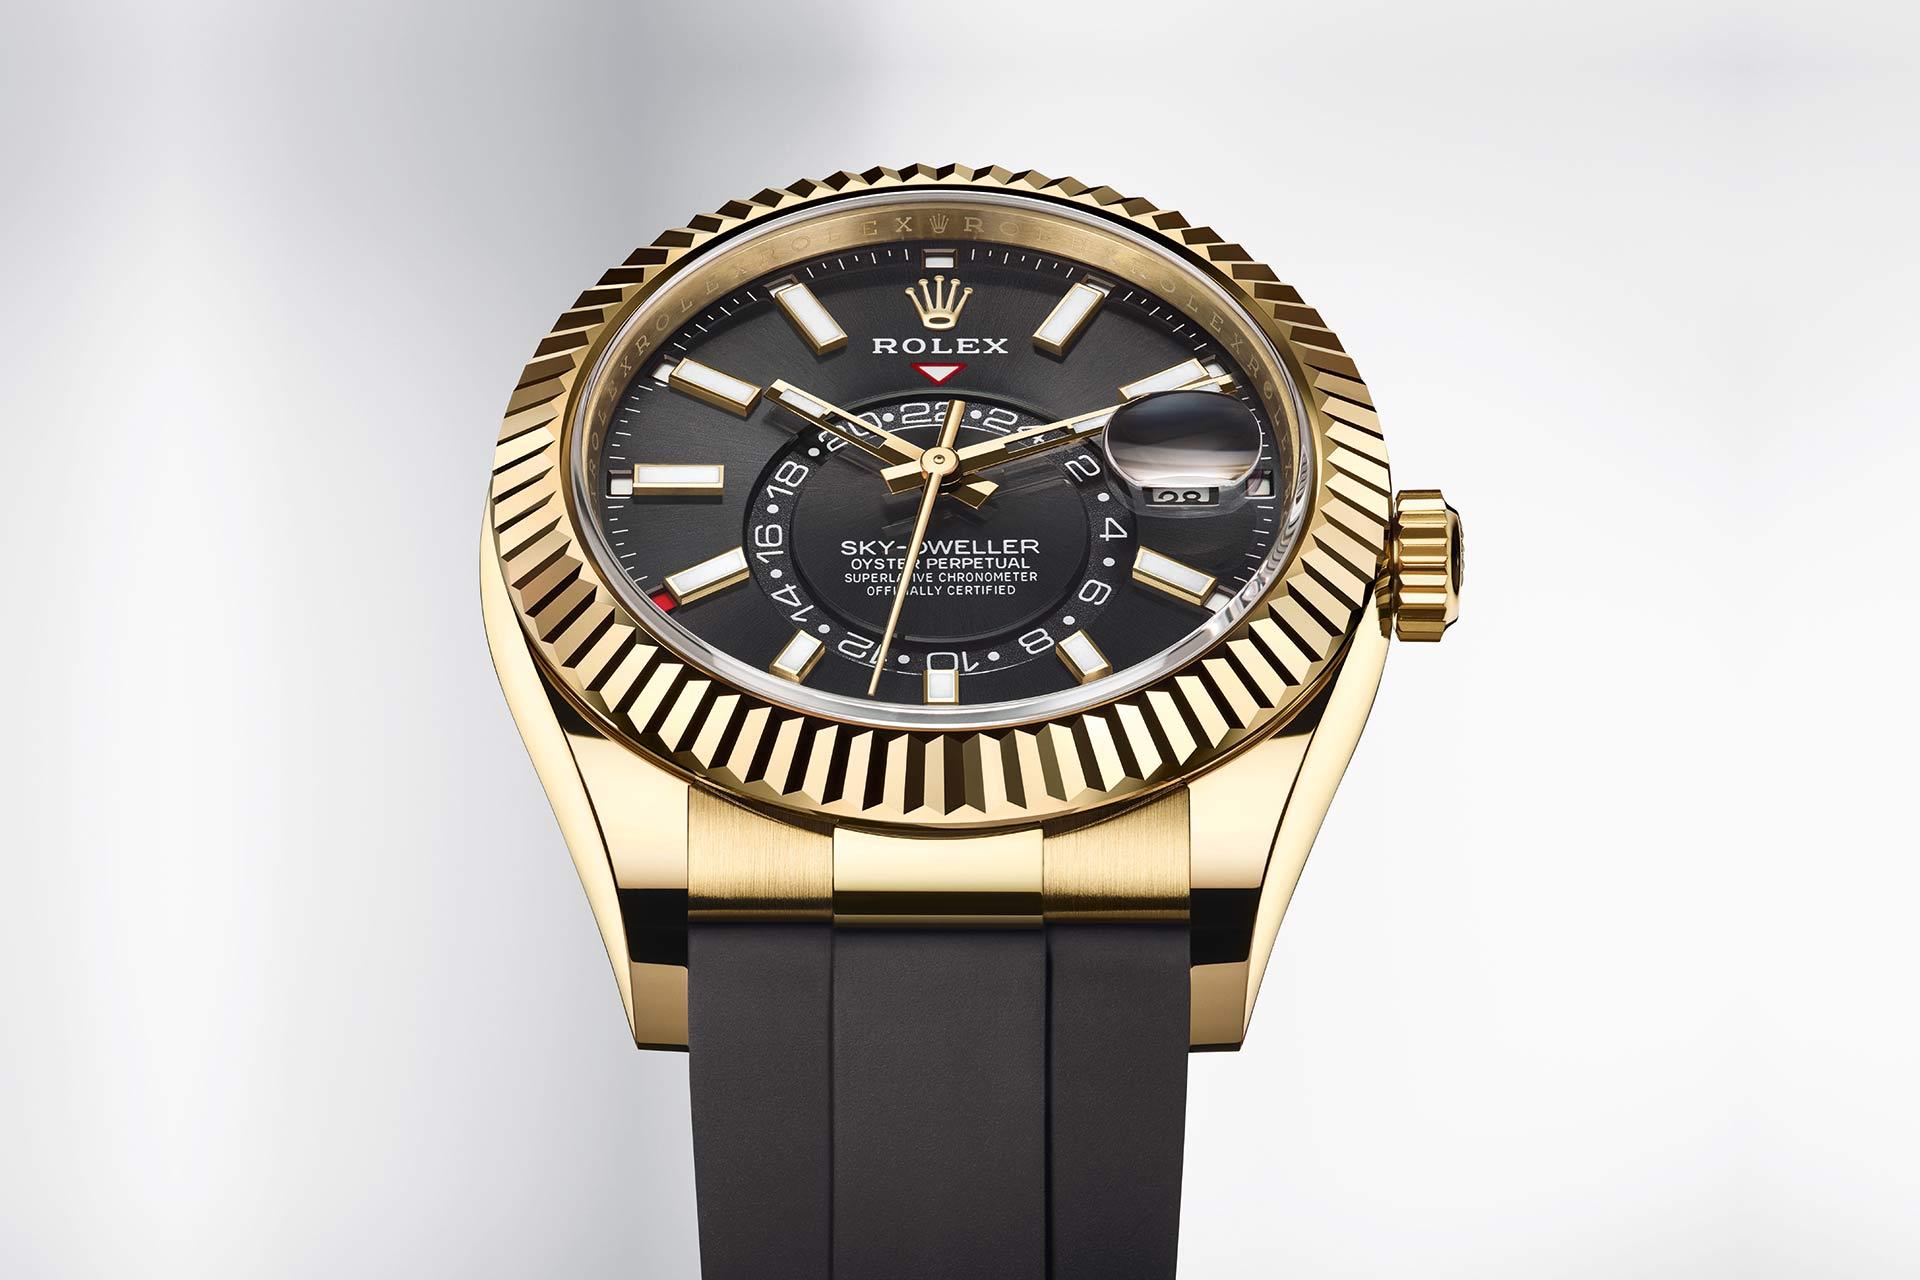 Die neue Sky‑Dweller von Rolex – Die Armbanduhr für Weltreisende